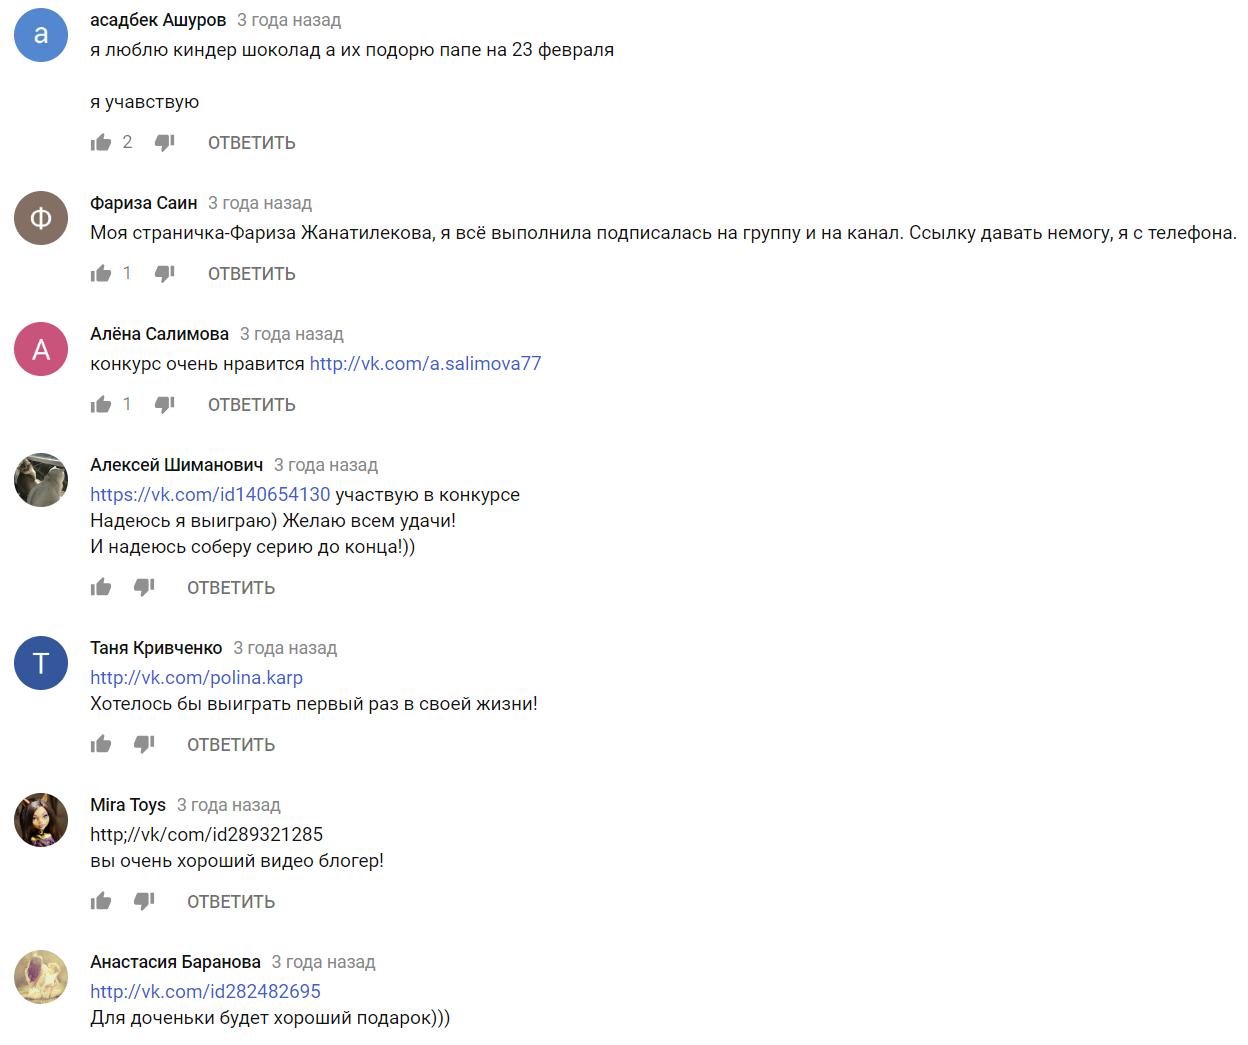 Как находить ботов на ютубе: внешние паттерны взаимодействия комментаторов - 17